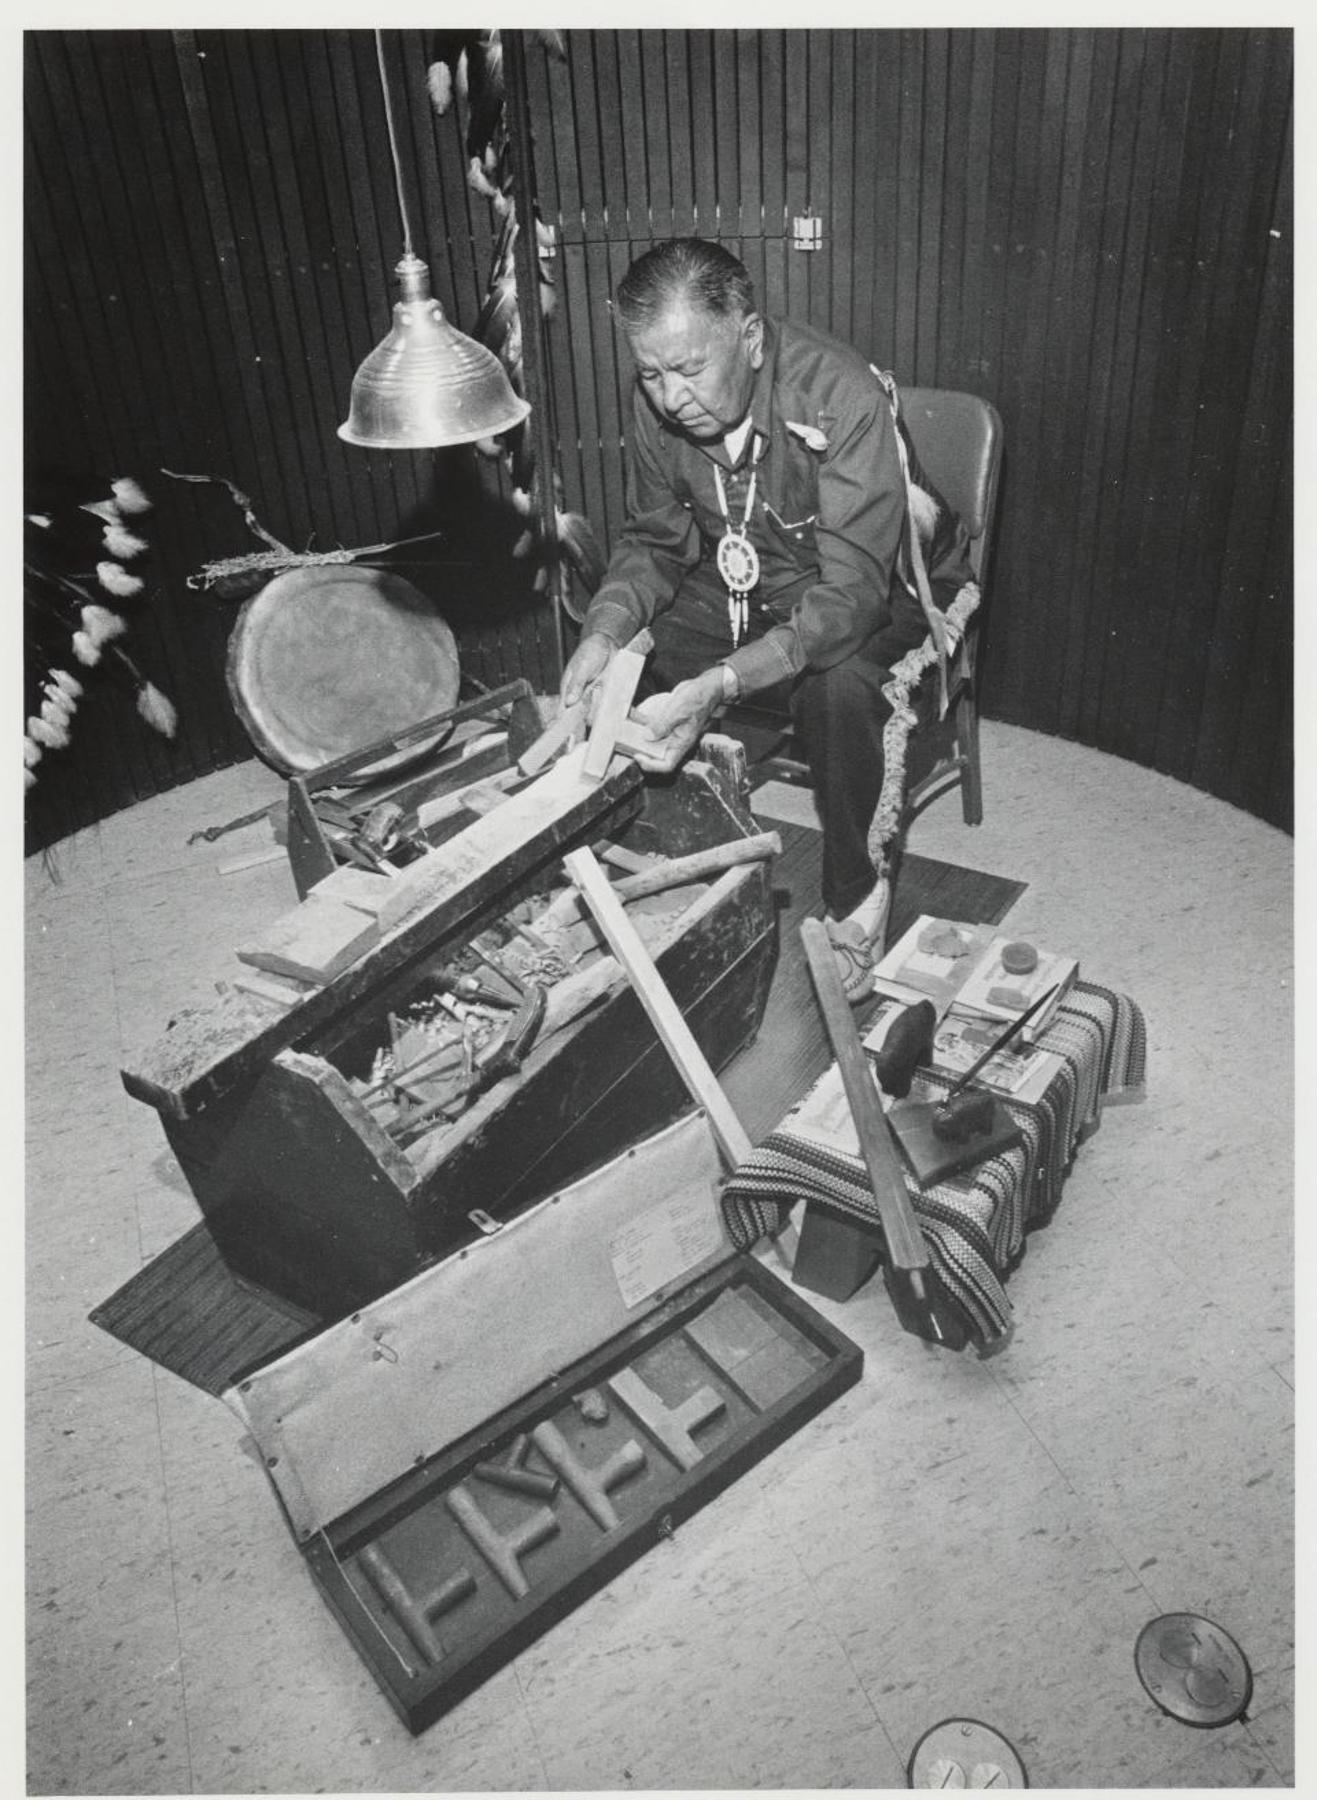 一名男子与很多木制烟袋。 (NPS)